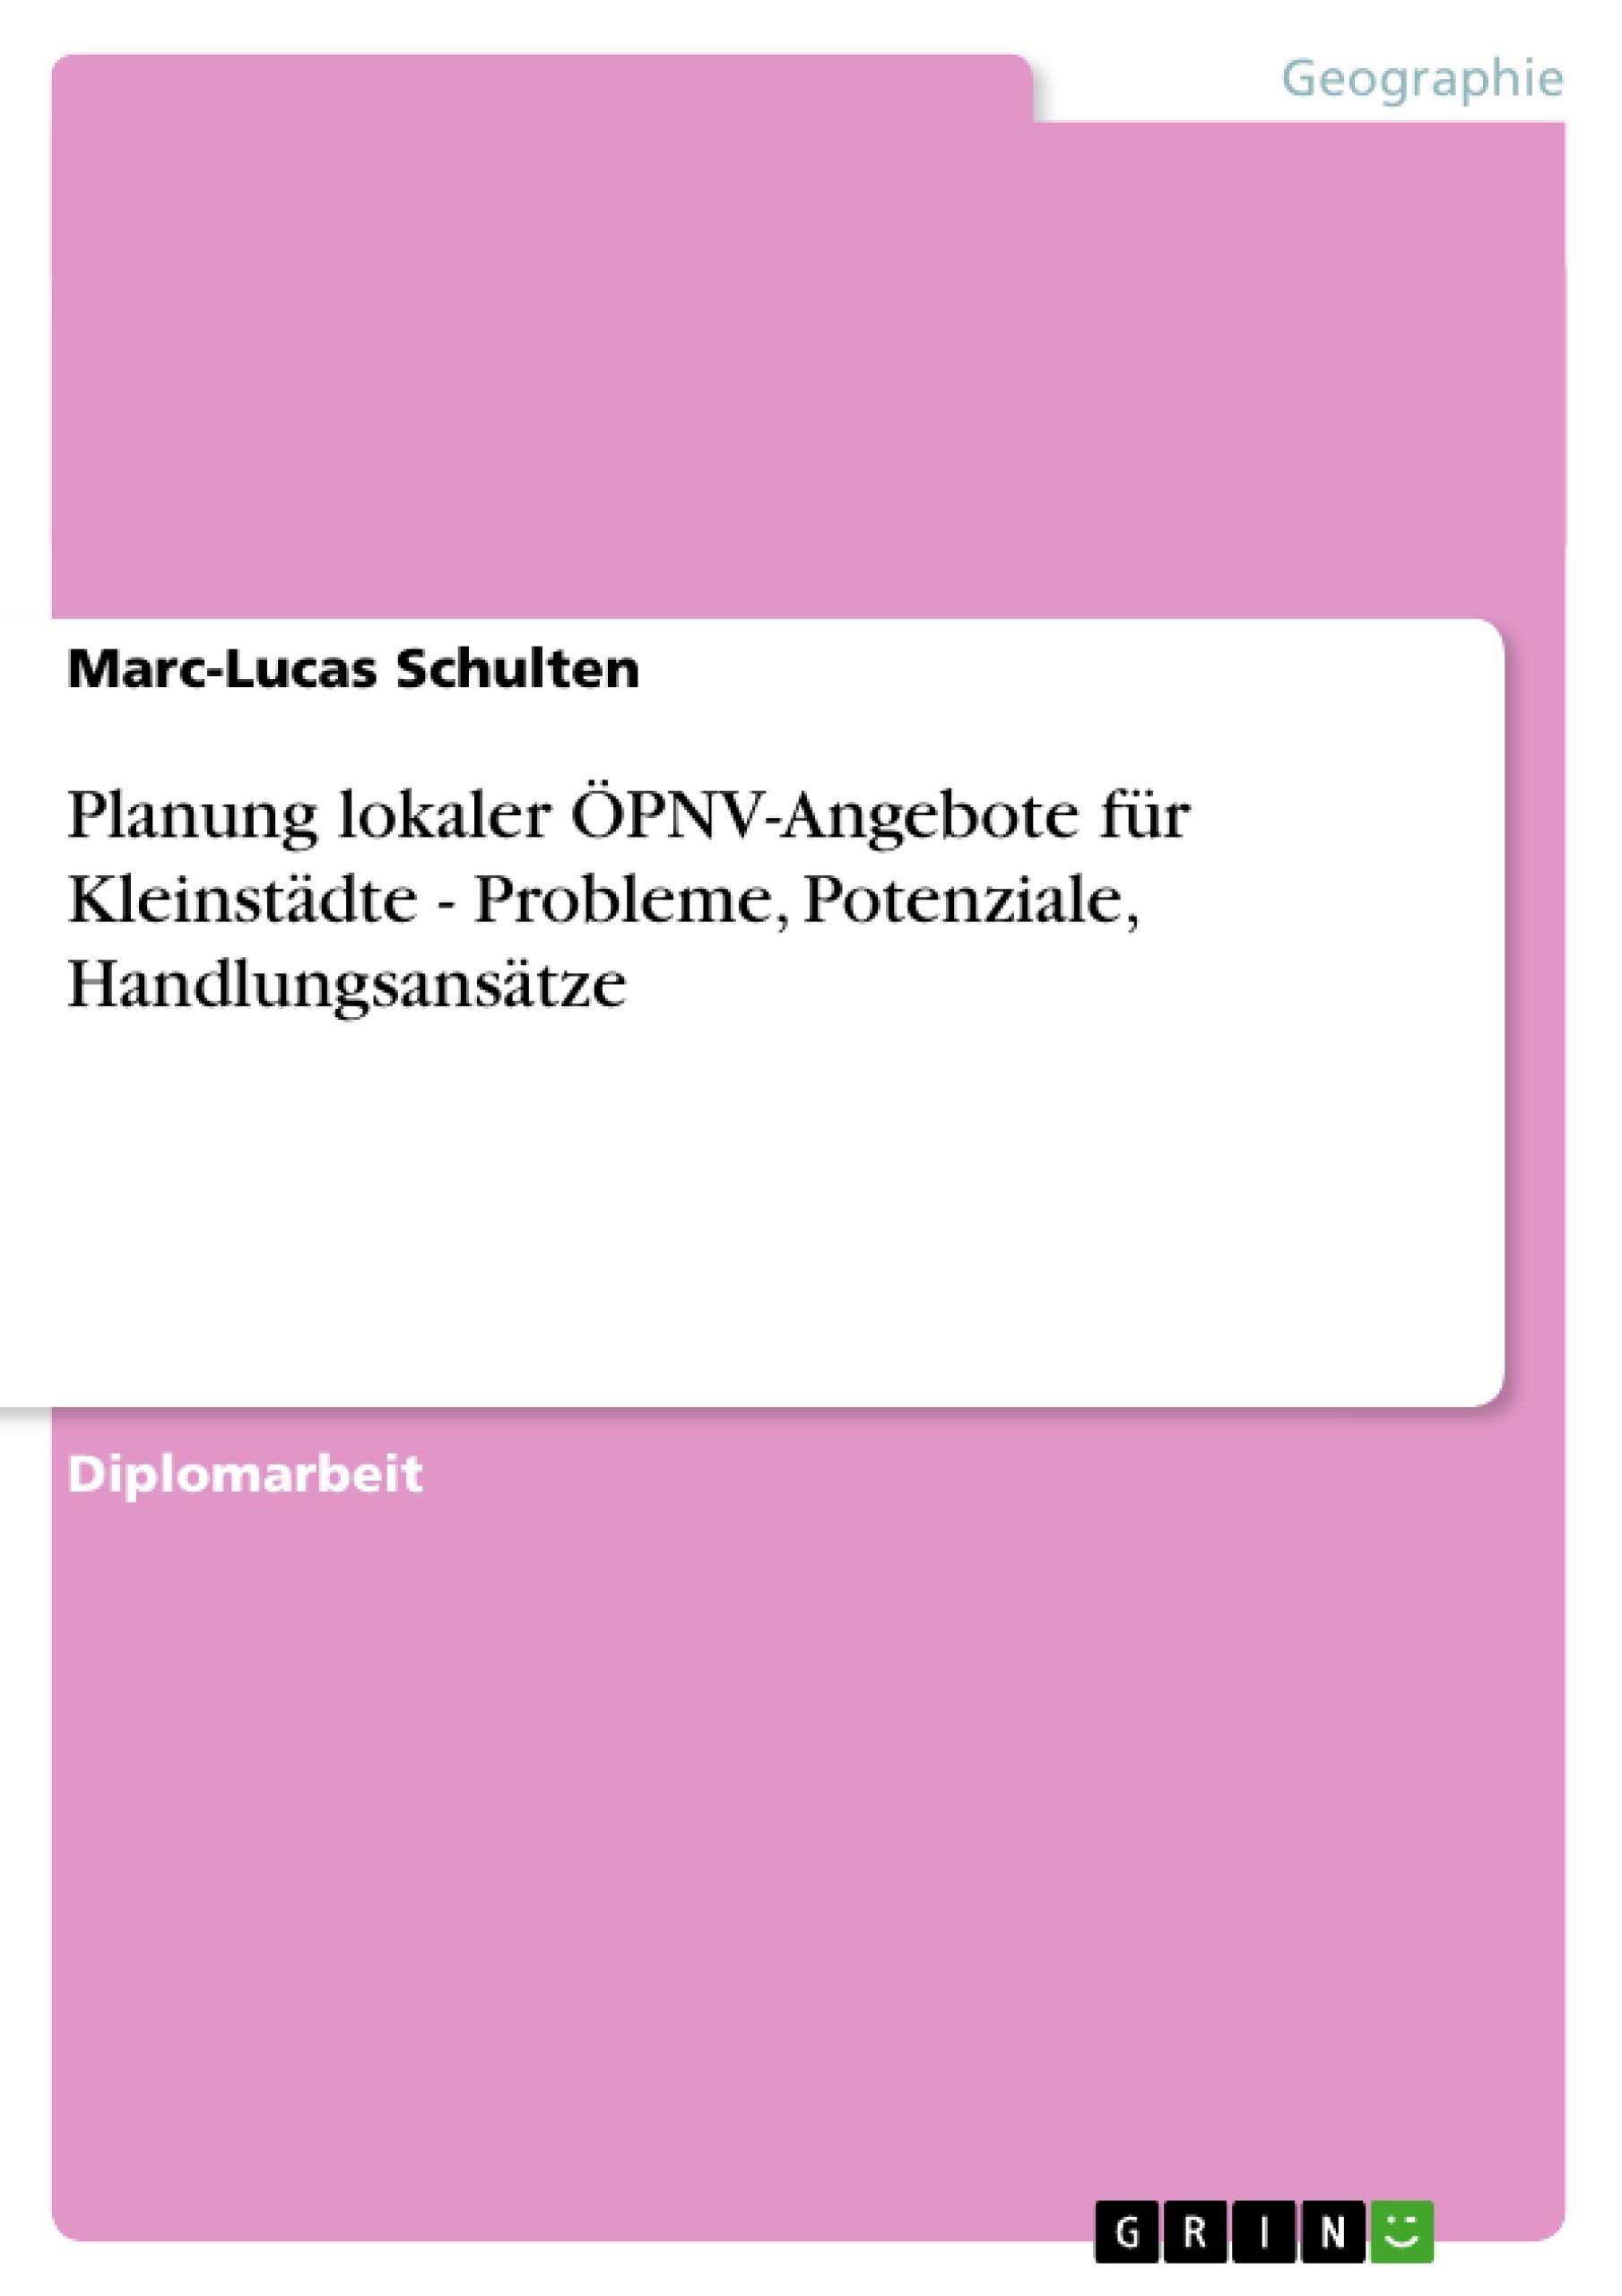 Titel: Planung lokaler ÖPNV-Angebote für Kleinstädte - Probleme, Potenziale, Handlungsansätze